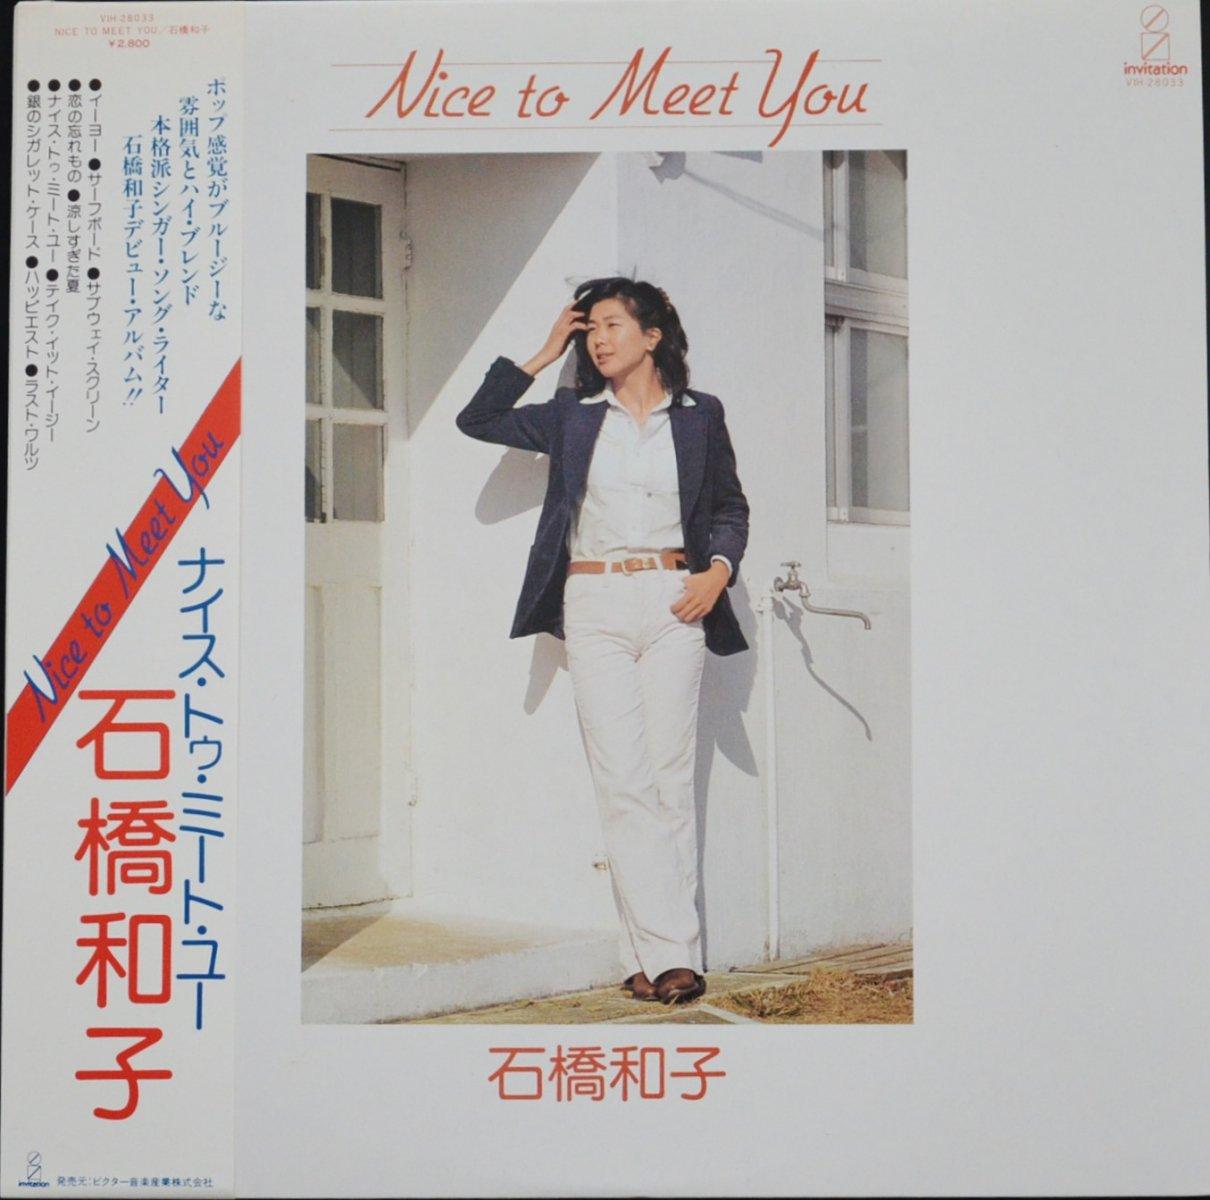 石橋和子 KAZUKO ISHIBASHI / ナイス・トゥ・ミート・ユー NICE TO MEET YOU (LP)